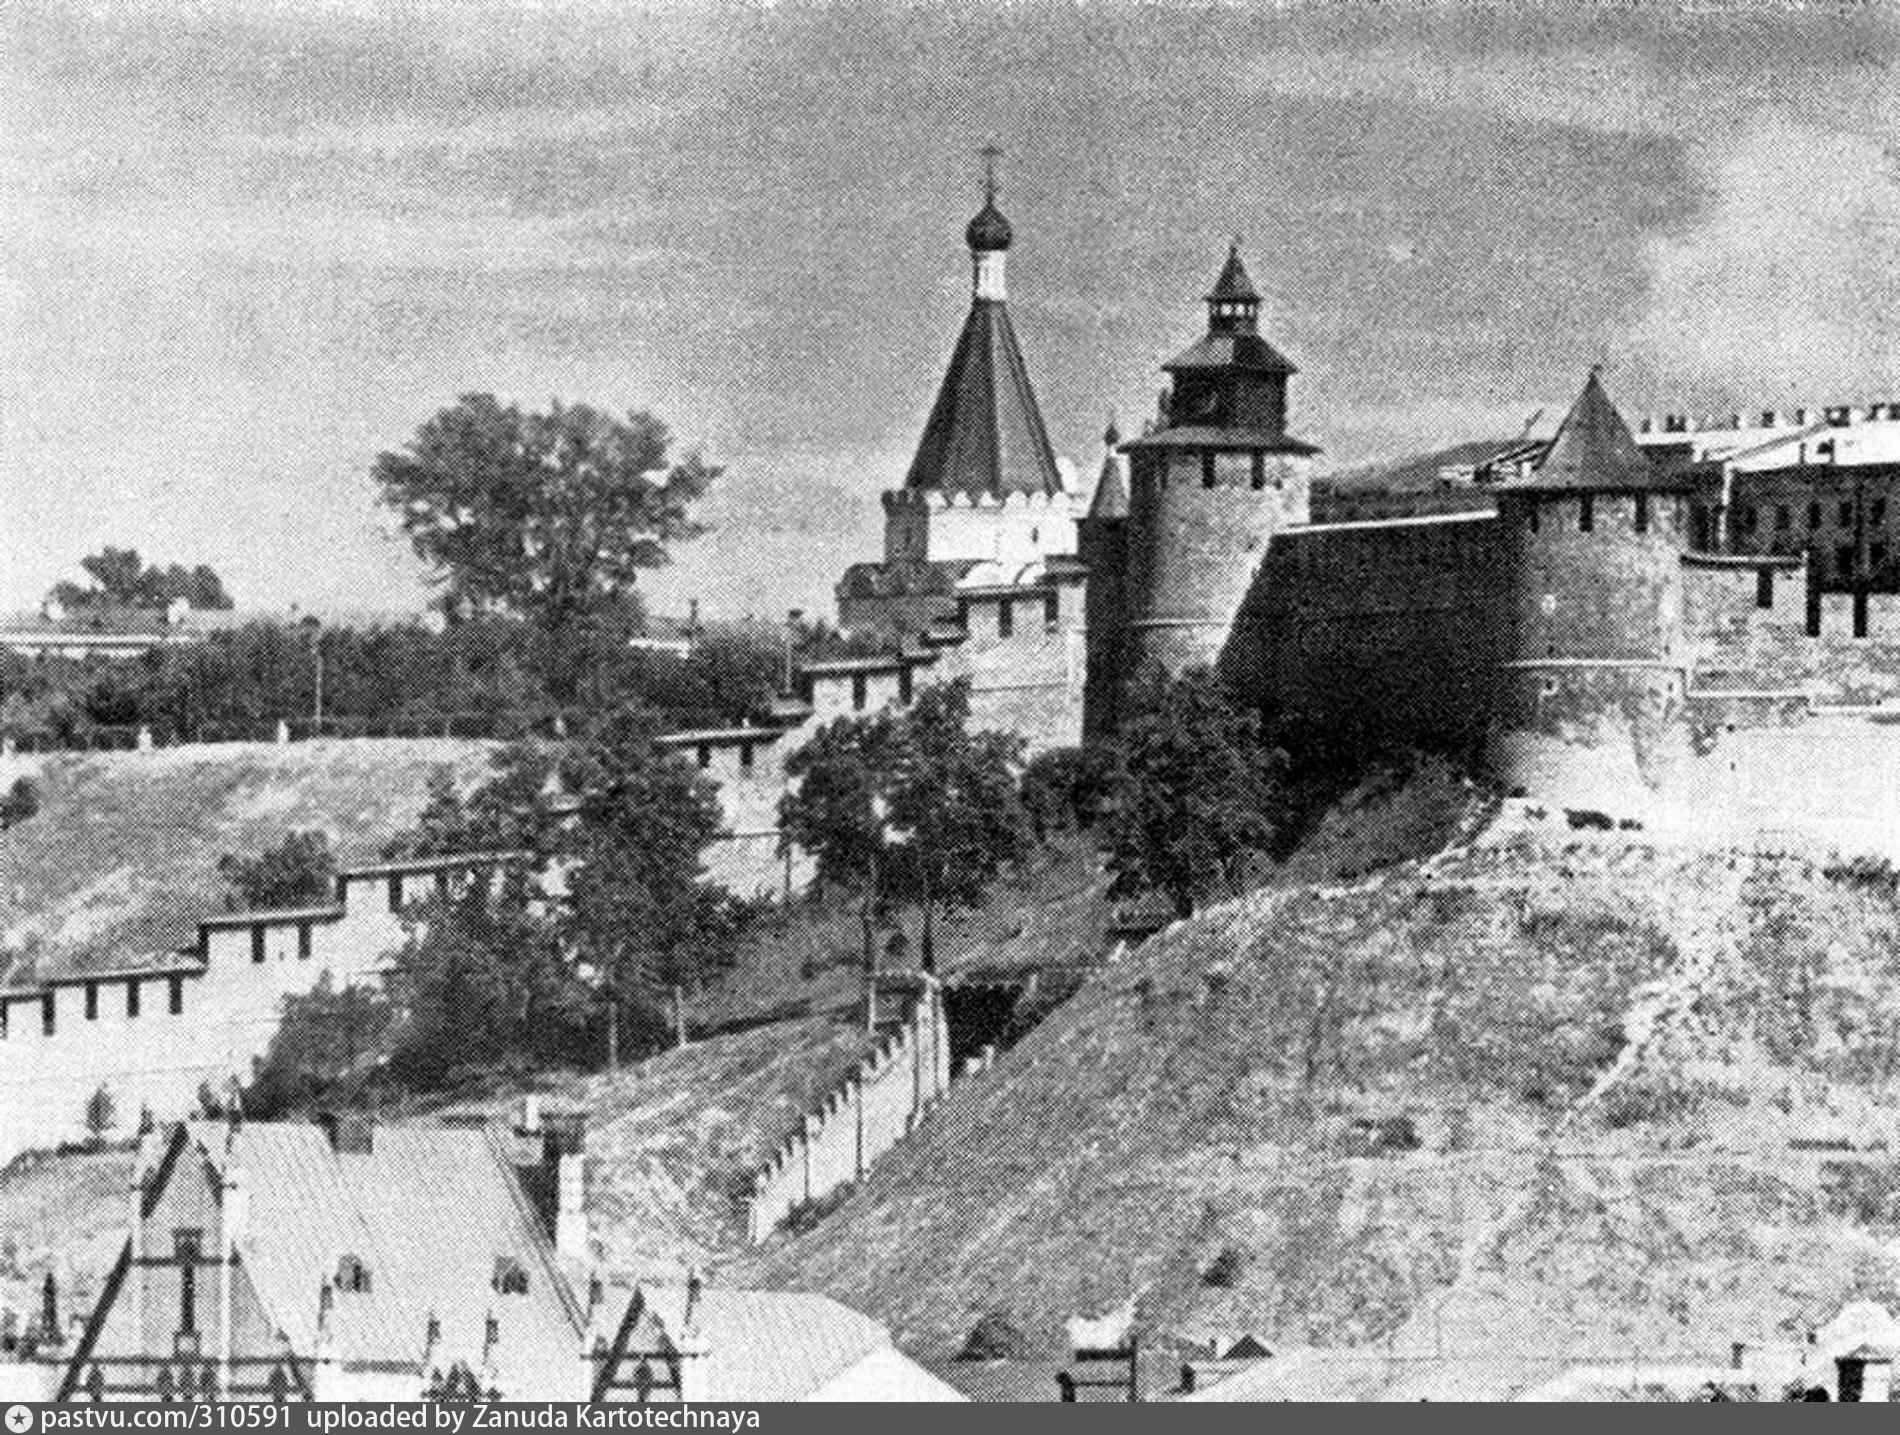 одежды картинки нижний новгород кремль старинный уже сложившейся традиции